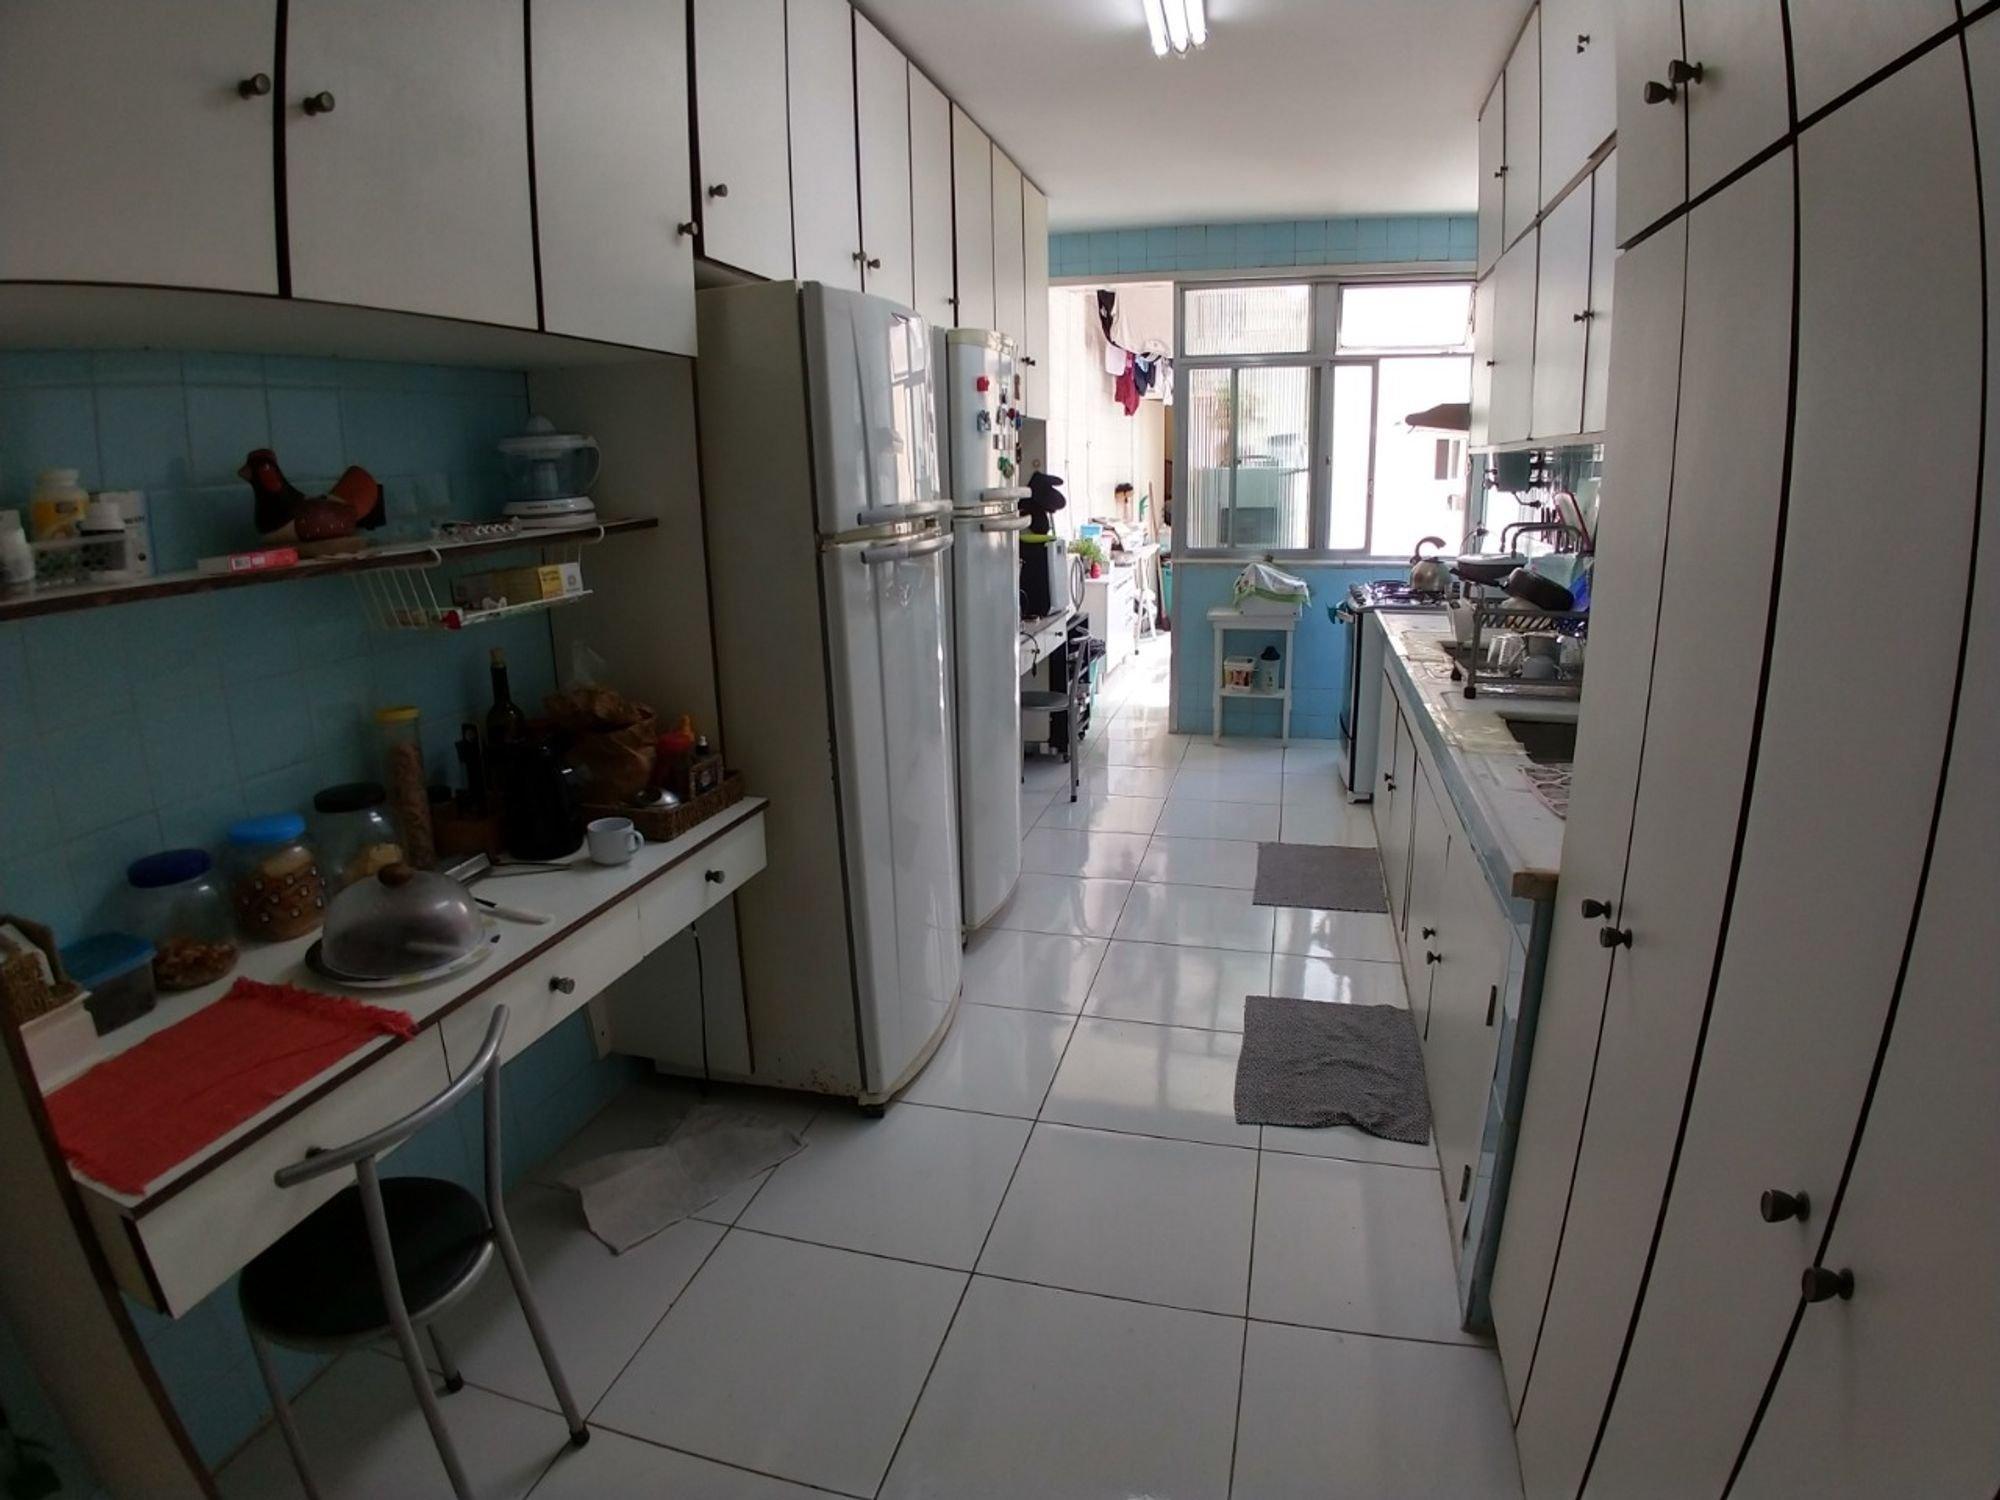 Foto de Cozinha com garrafa, geladeira, pia, cadeira